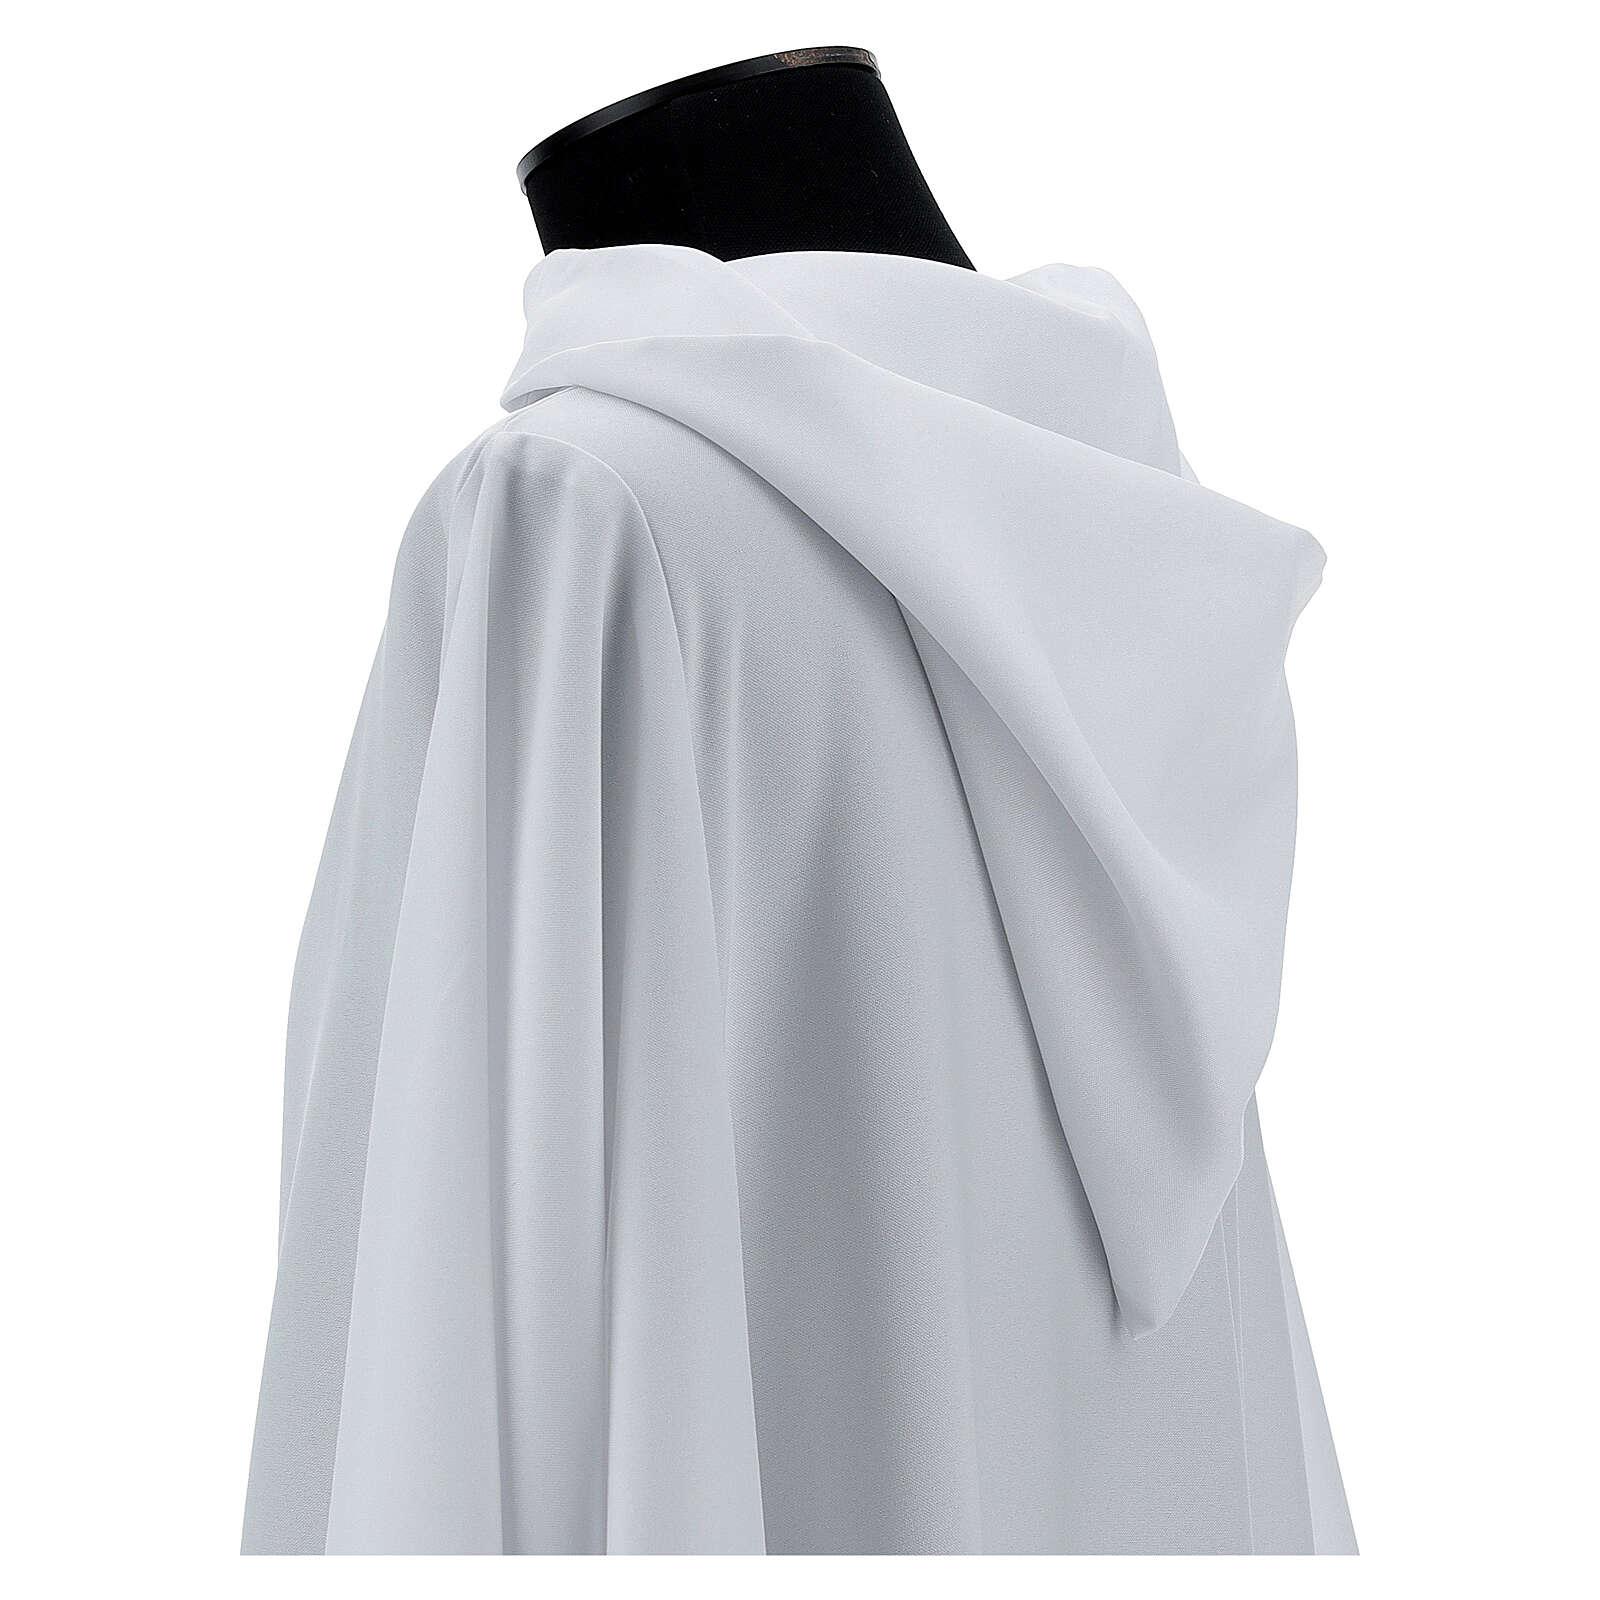 Camice bianco 100% poliestere con cappuccio 4